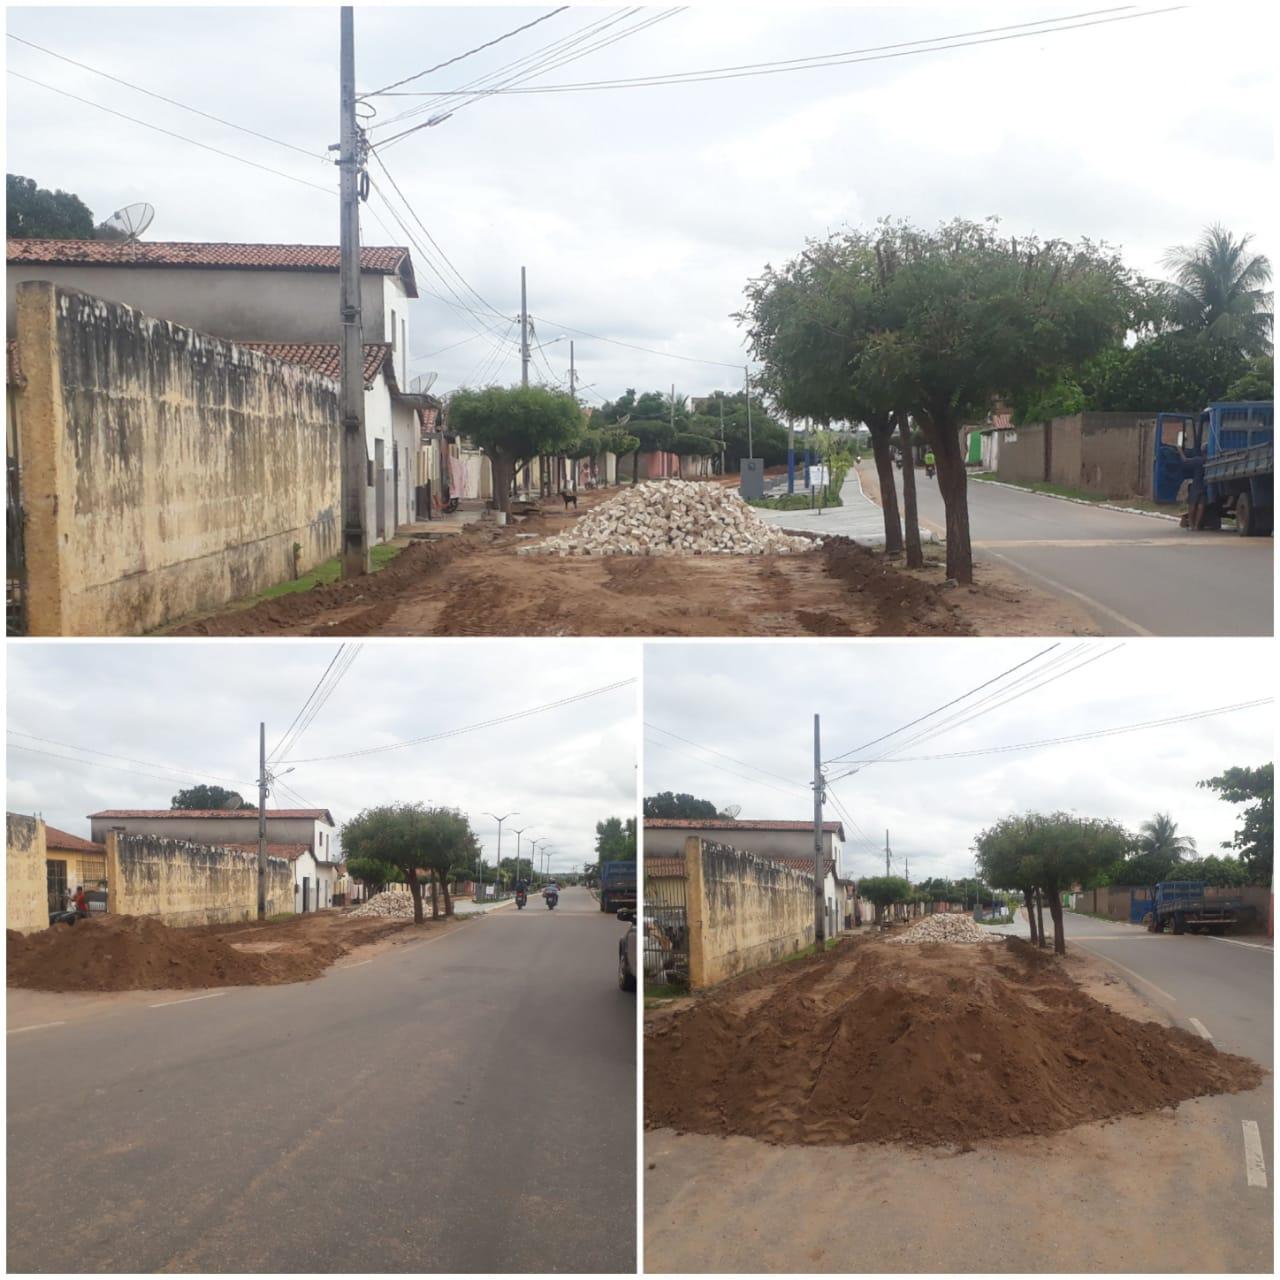 pavimentacao2 - Novas ações: Prefeitura de São João do Rio do Peixe inicia nova etapa de pavimentação em ruas do município